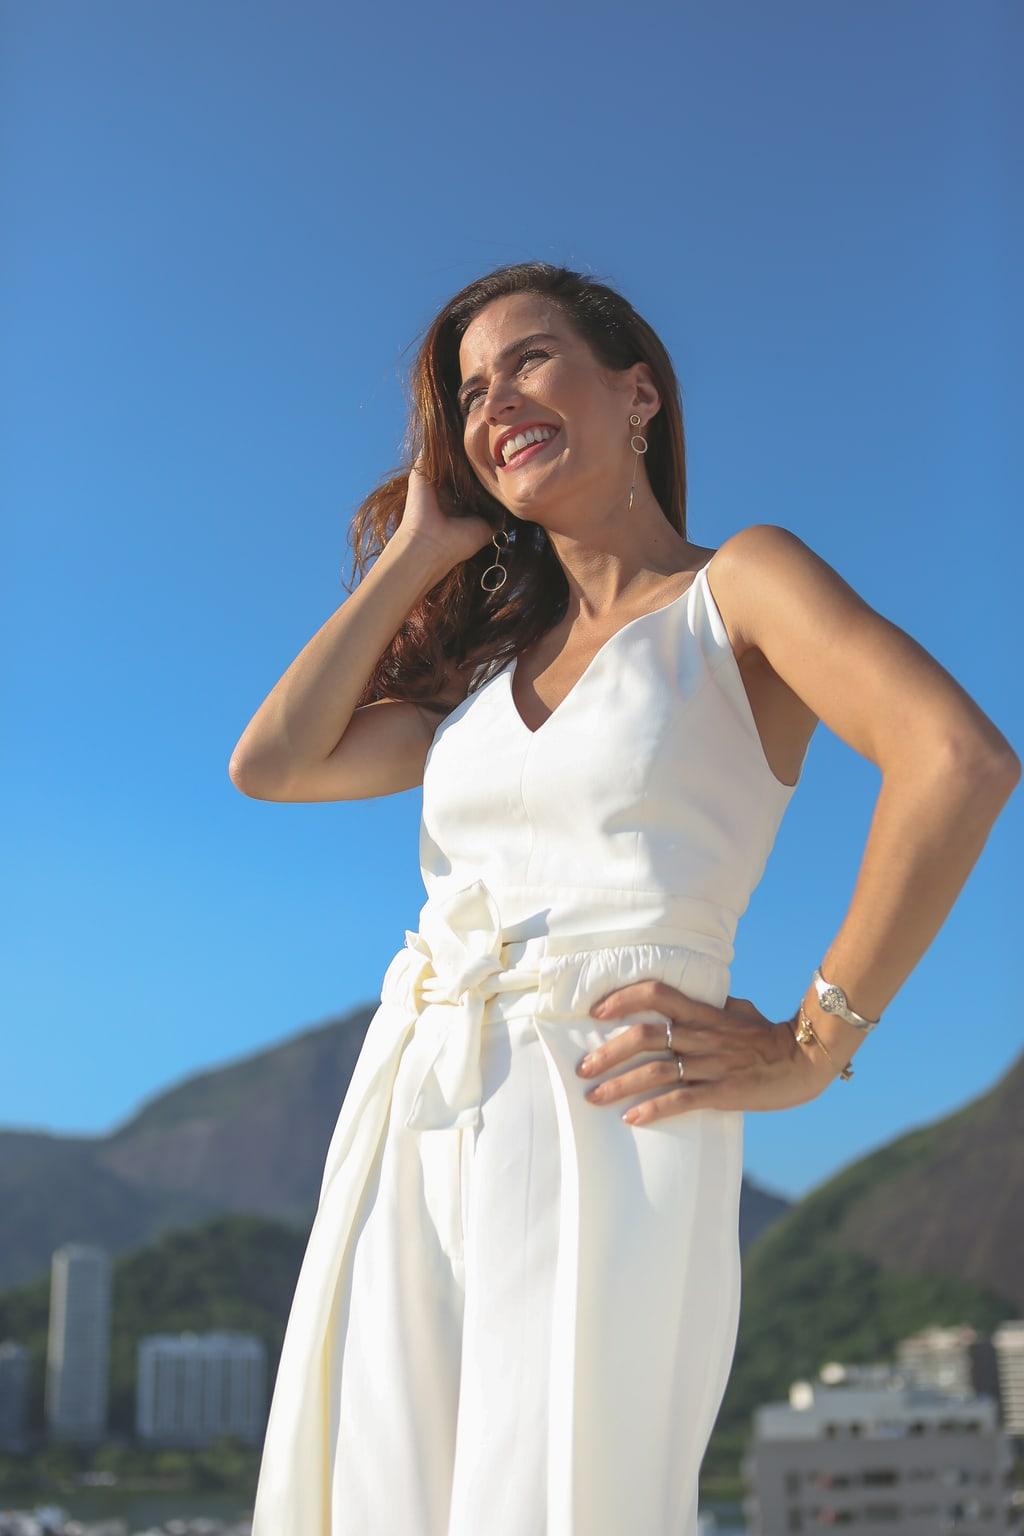 vestidos-ano-novo-reveillon-vestido-de-festa-julia-golldenzon-5